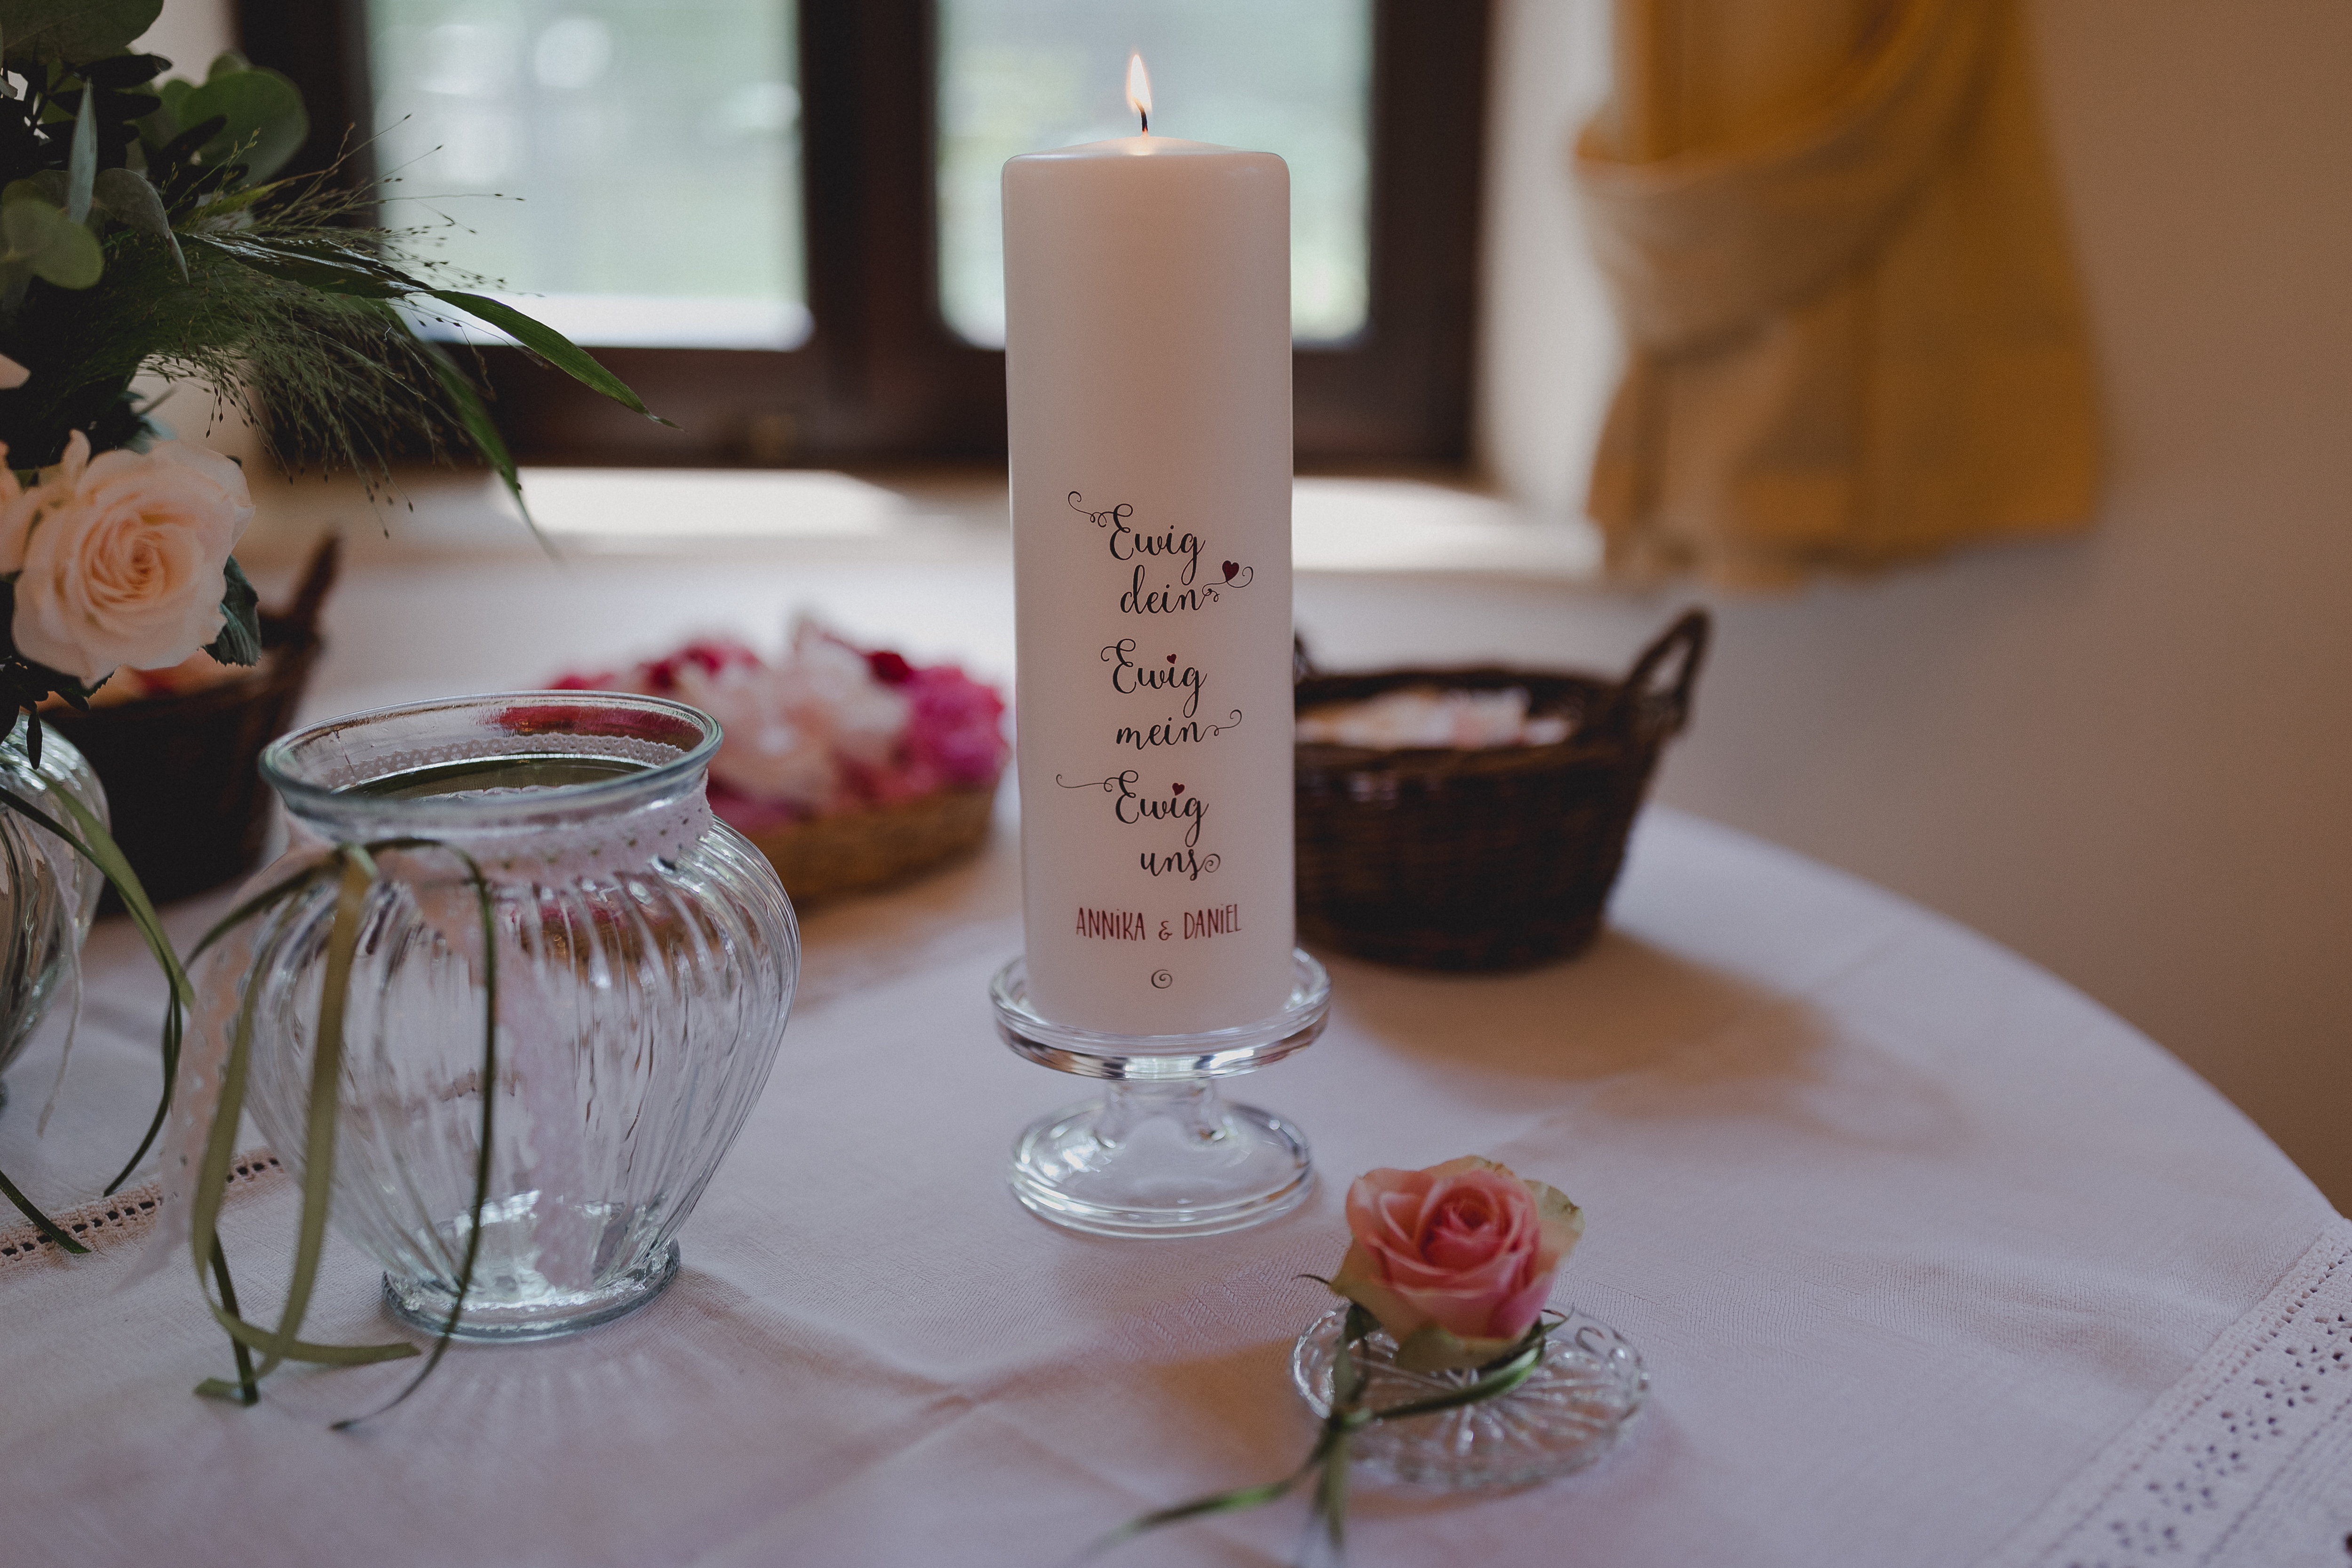 URBANERIE_Daniela_Goth_Vintage_Hochzeitsfotografin_Nuernberg_Fuerth_Erlangen_180609_0161